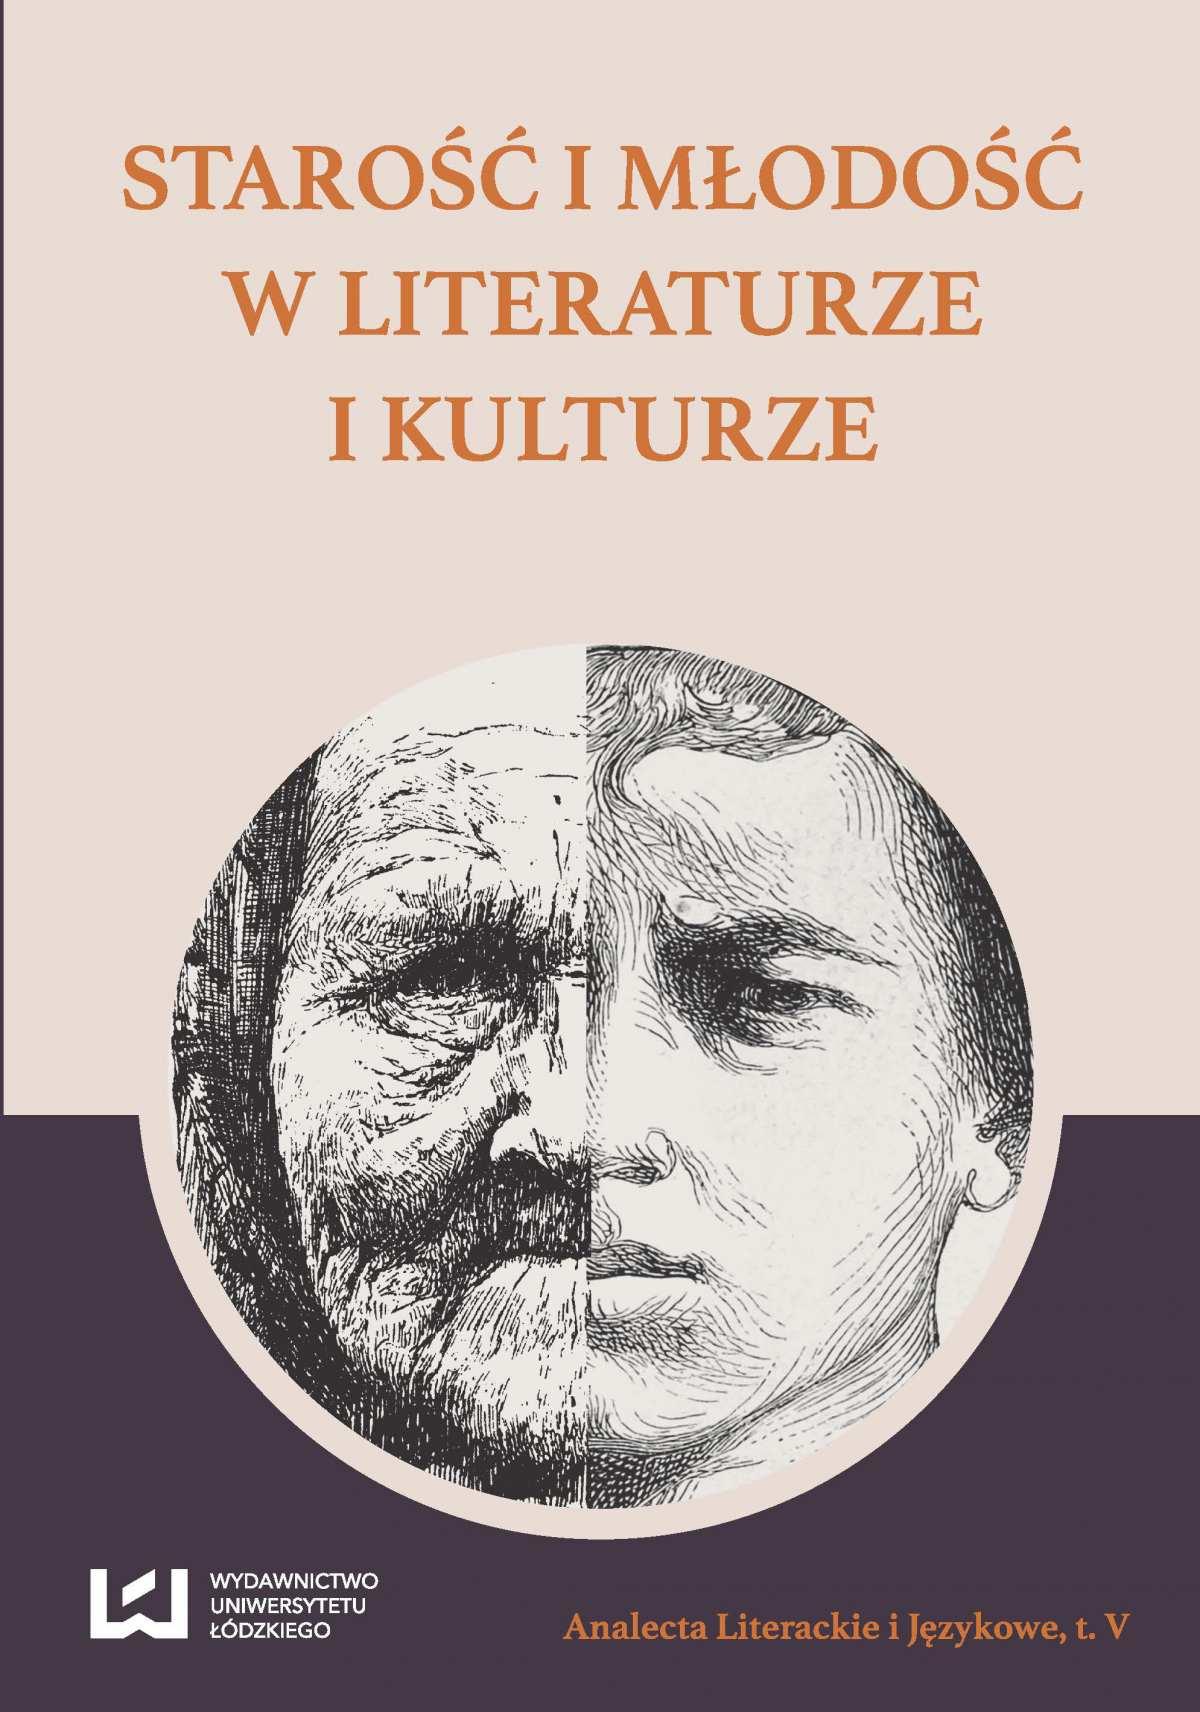 Starość i młodość w literaturze i kulturze - Ebook (Książka PDF) do pobrania w formacie PDF